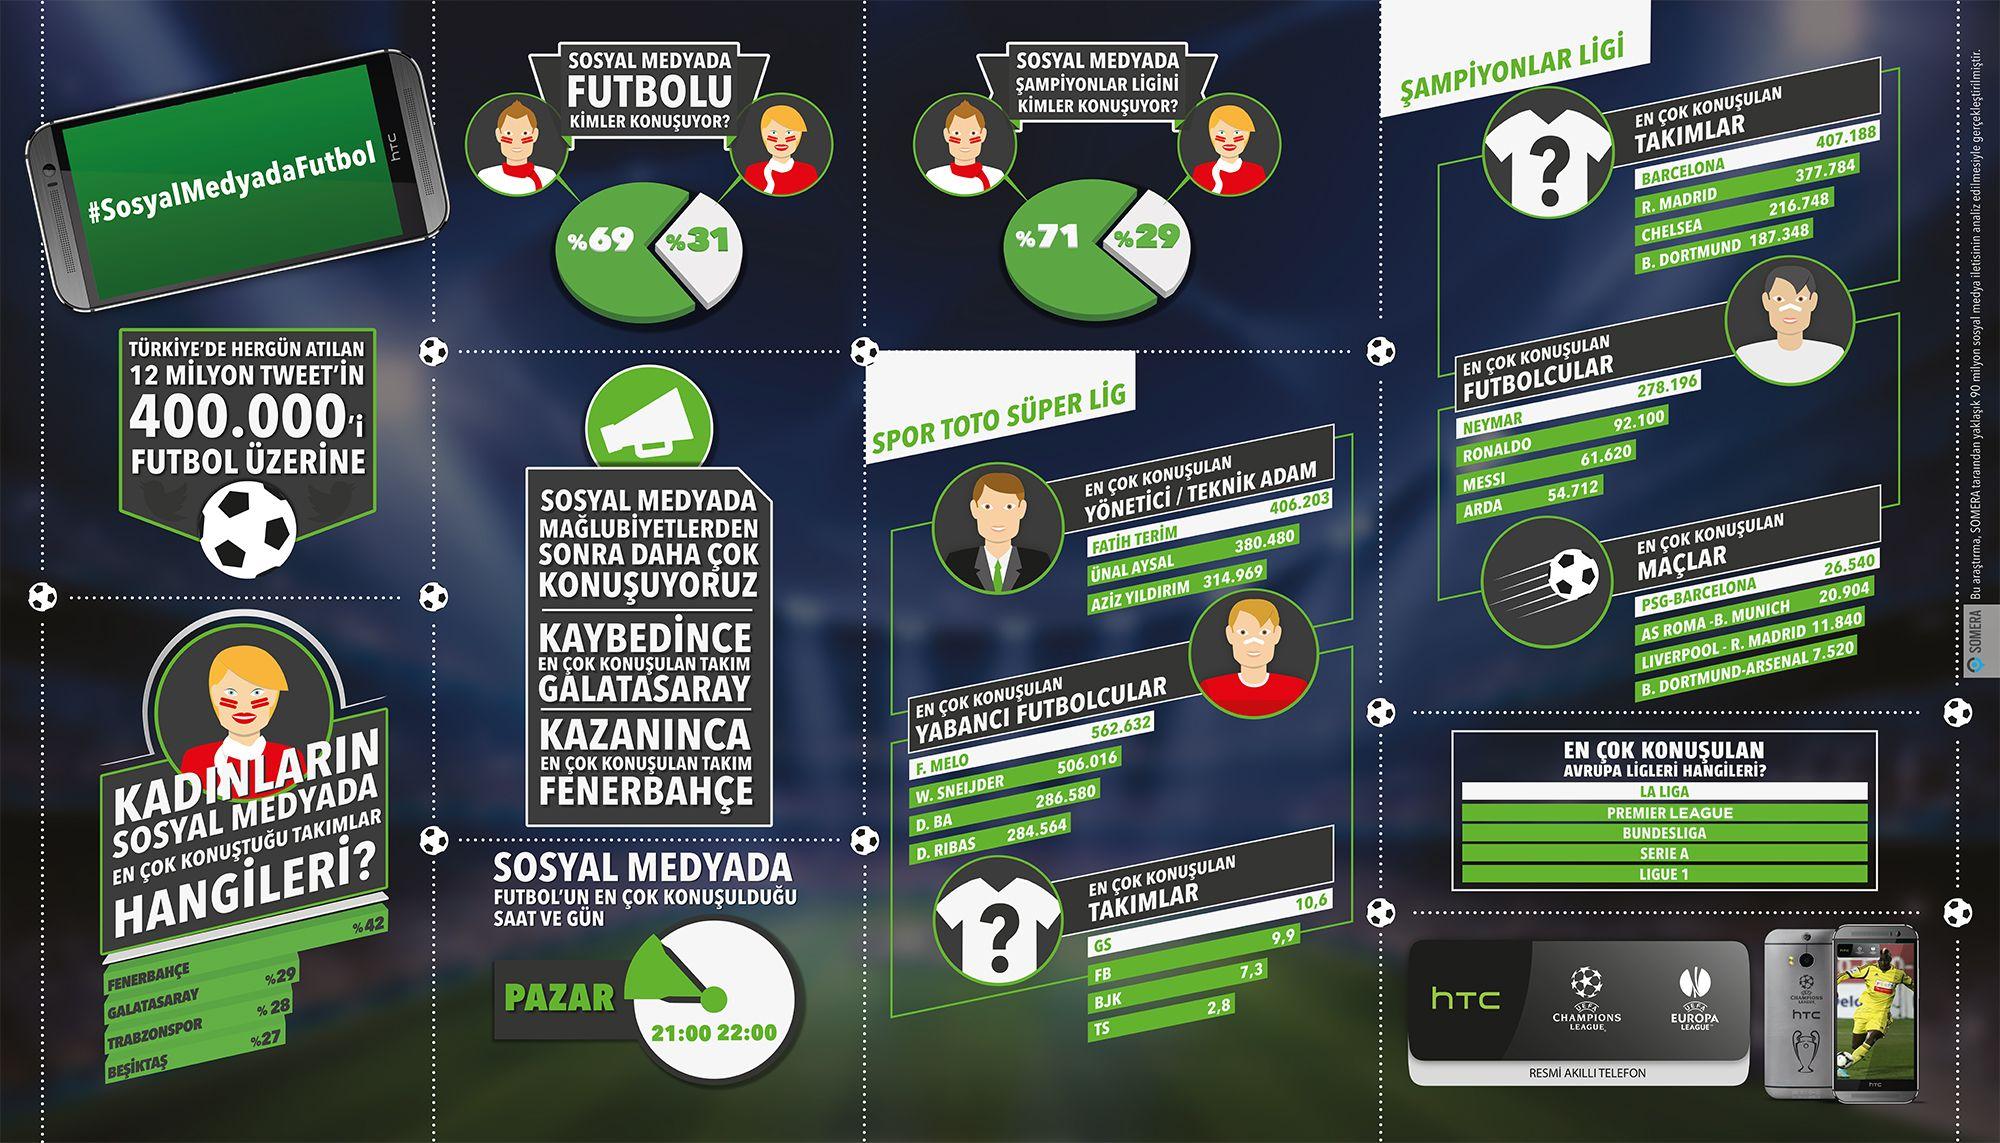 HTC, Türk Futbol Tutkunlarının Sosyal Medyadaki Nabzını Tuttu | Weekly http://weekly.com.tr/htc-turk-futbol-tutkunlarinin-sosyal-medyadaki-nabzini-tuttu/